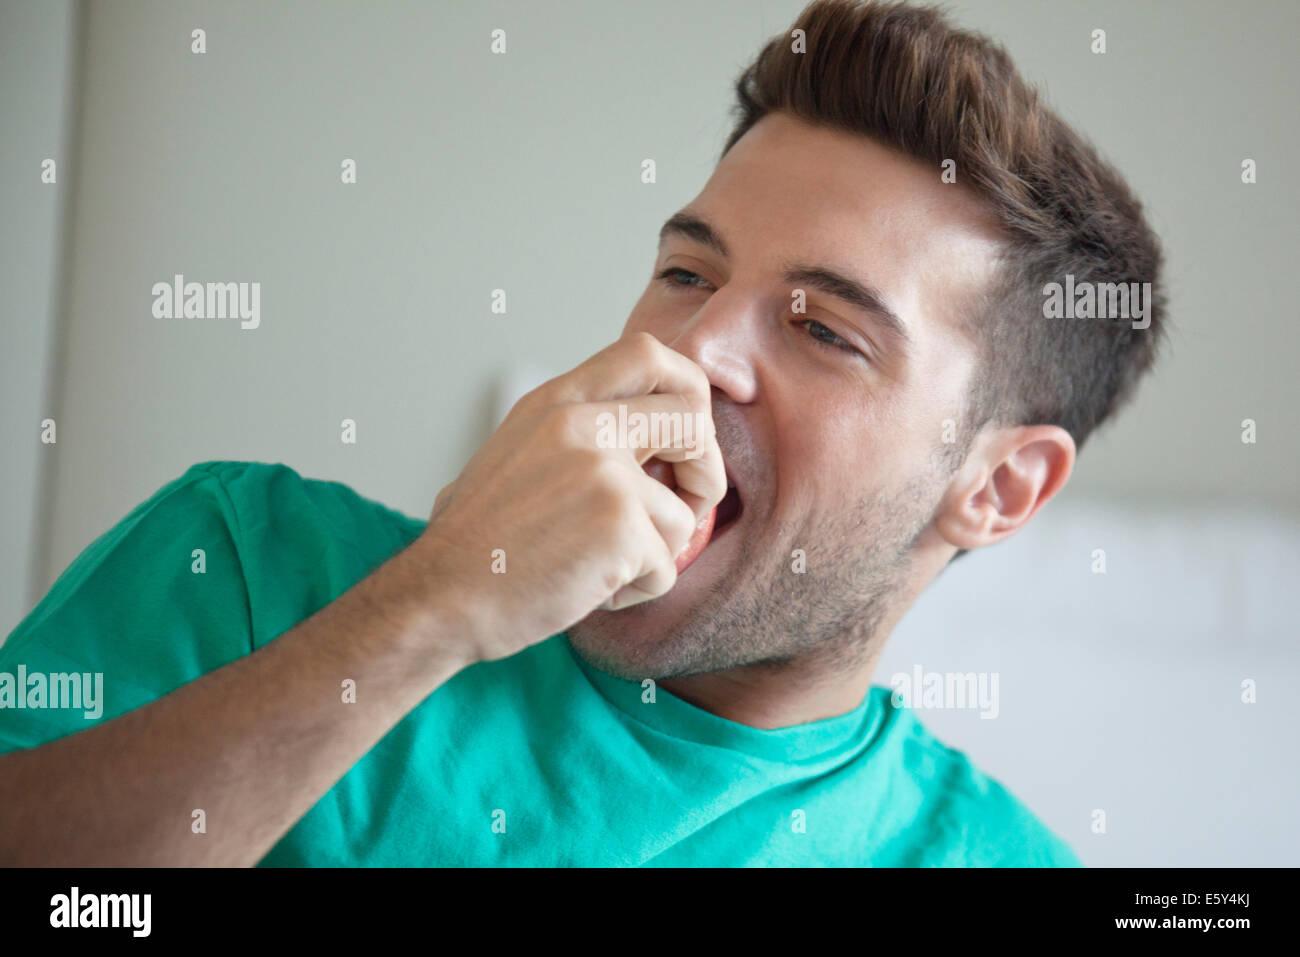 Man eating apple - Stock Image